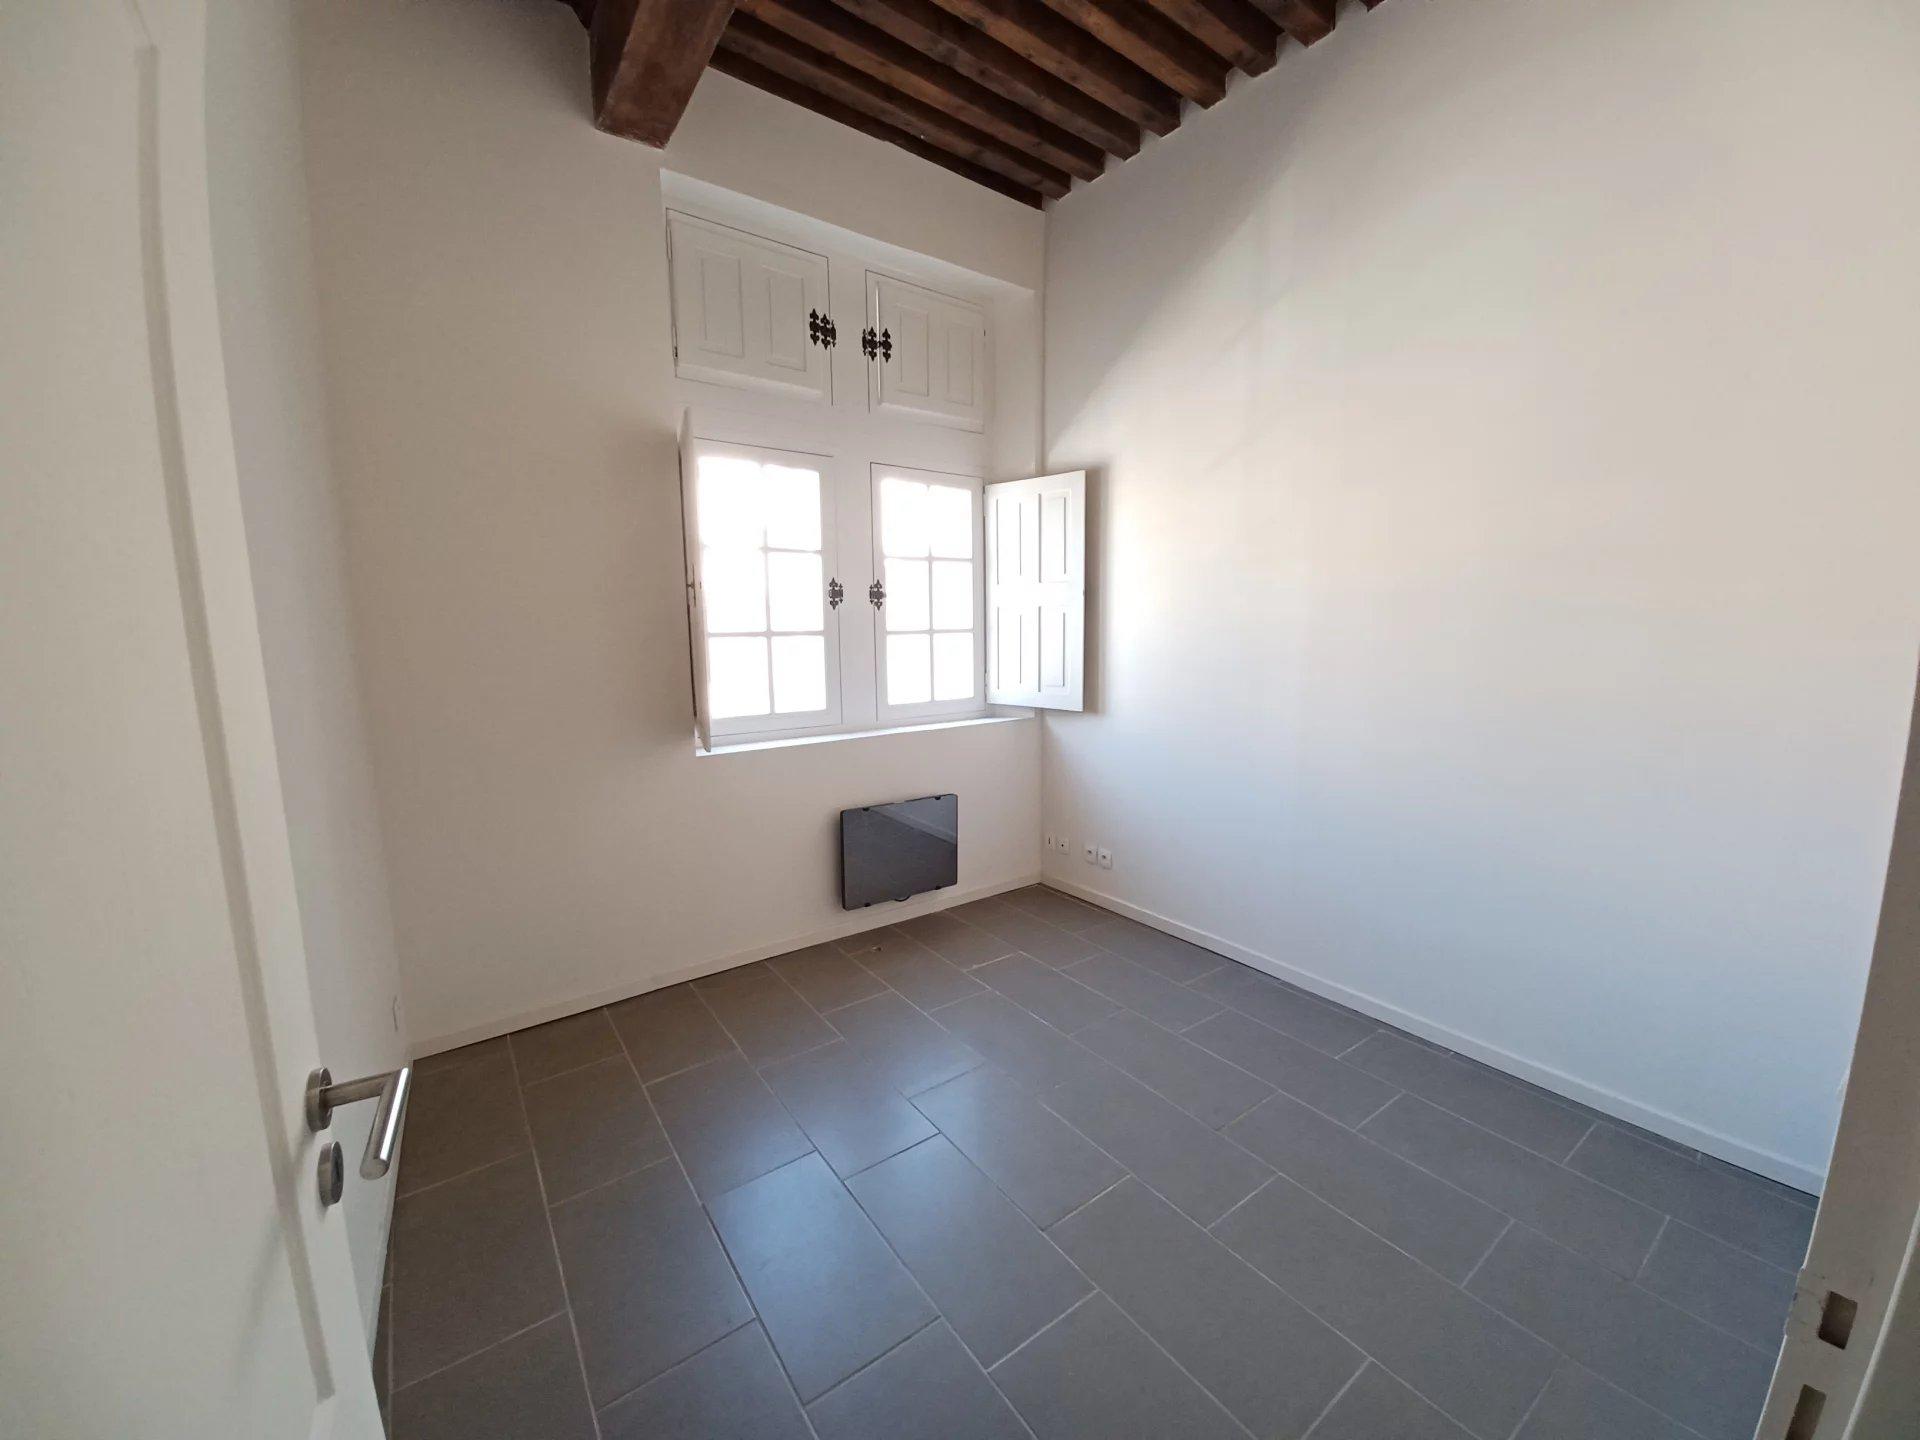 Location Appartement BEAUCAIRE surface habitable de 115 m²